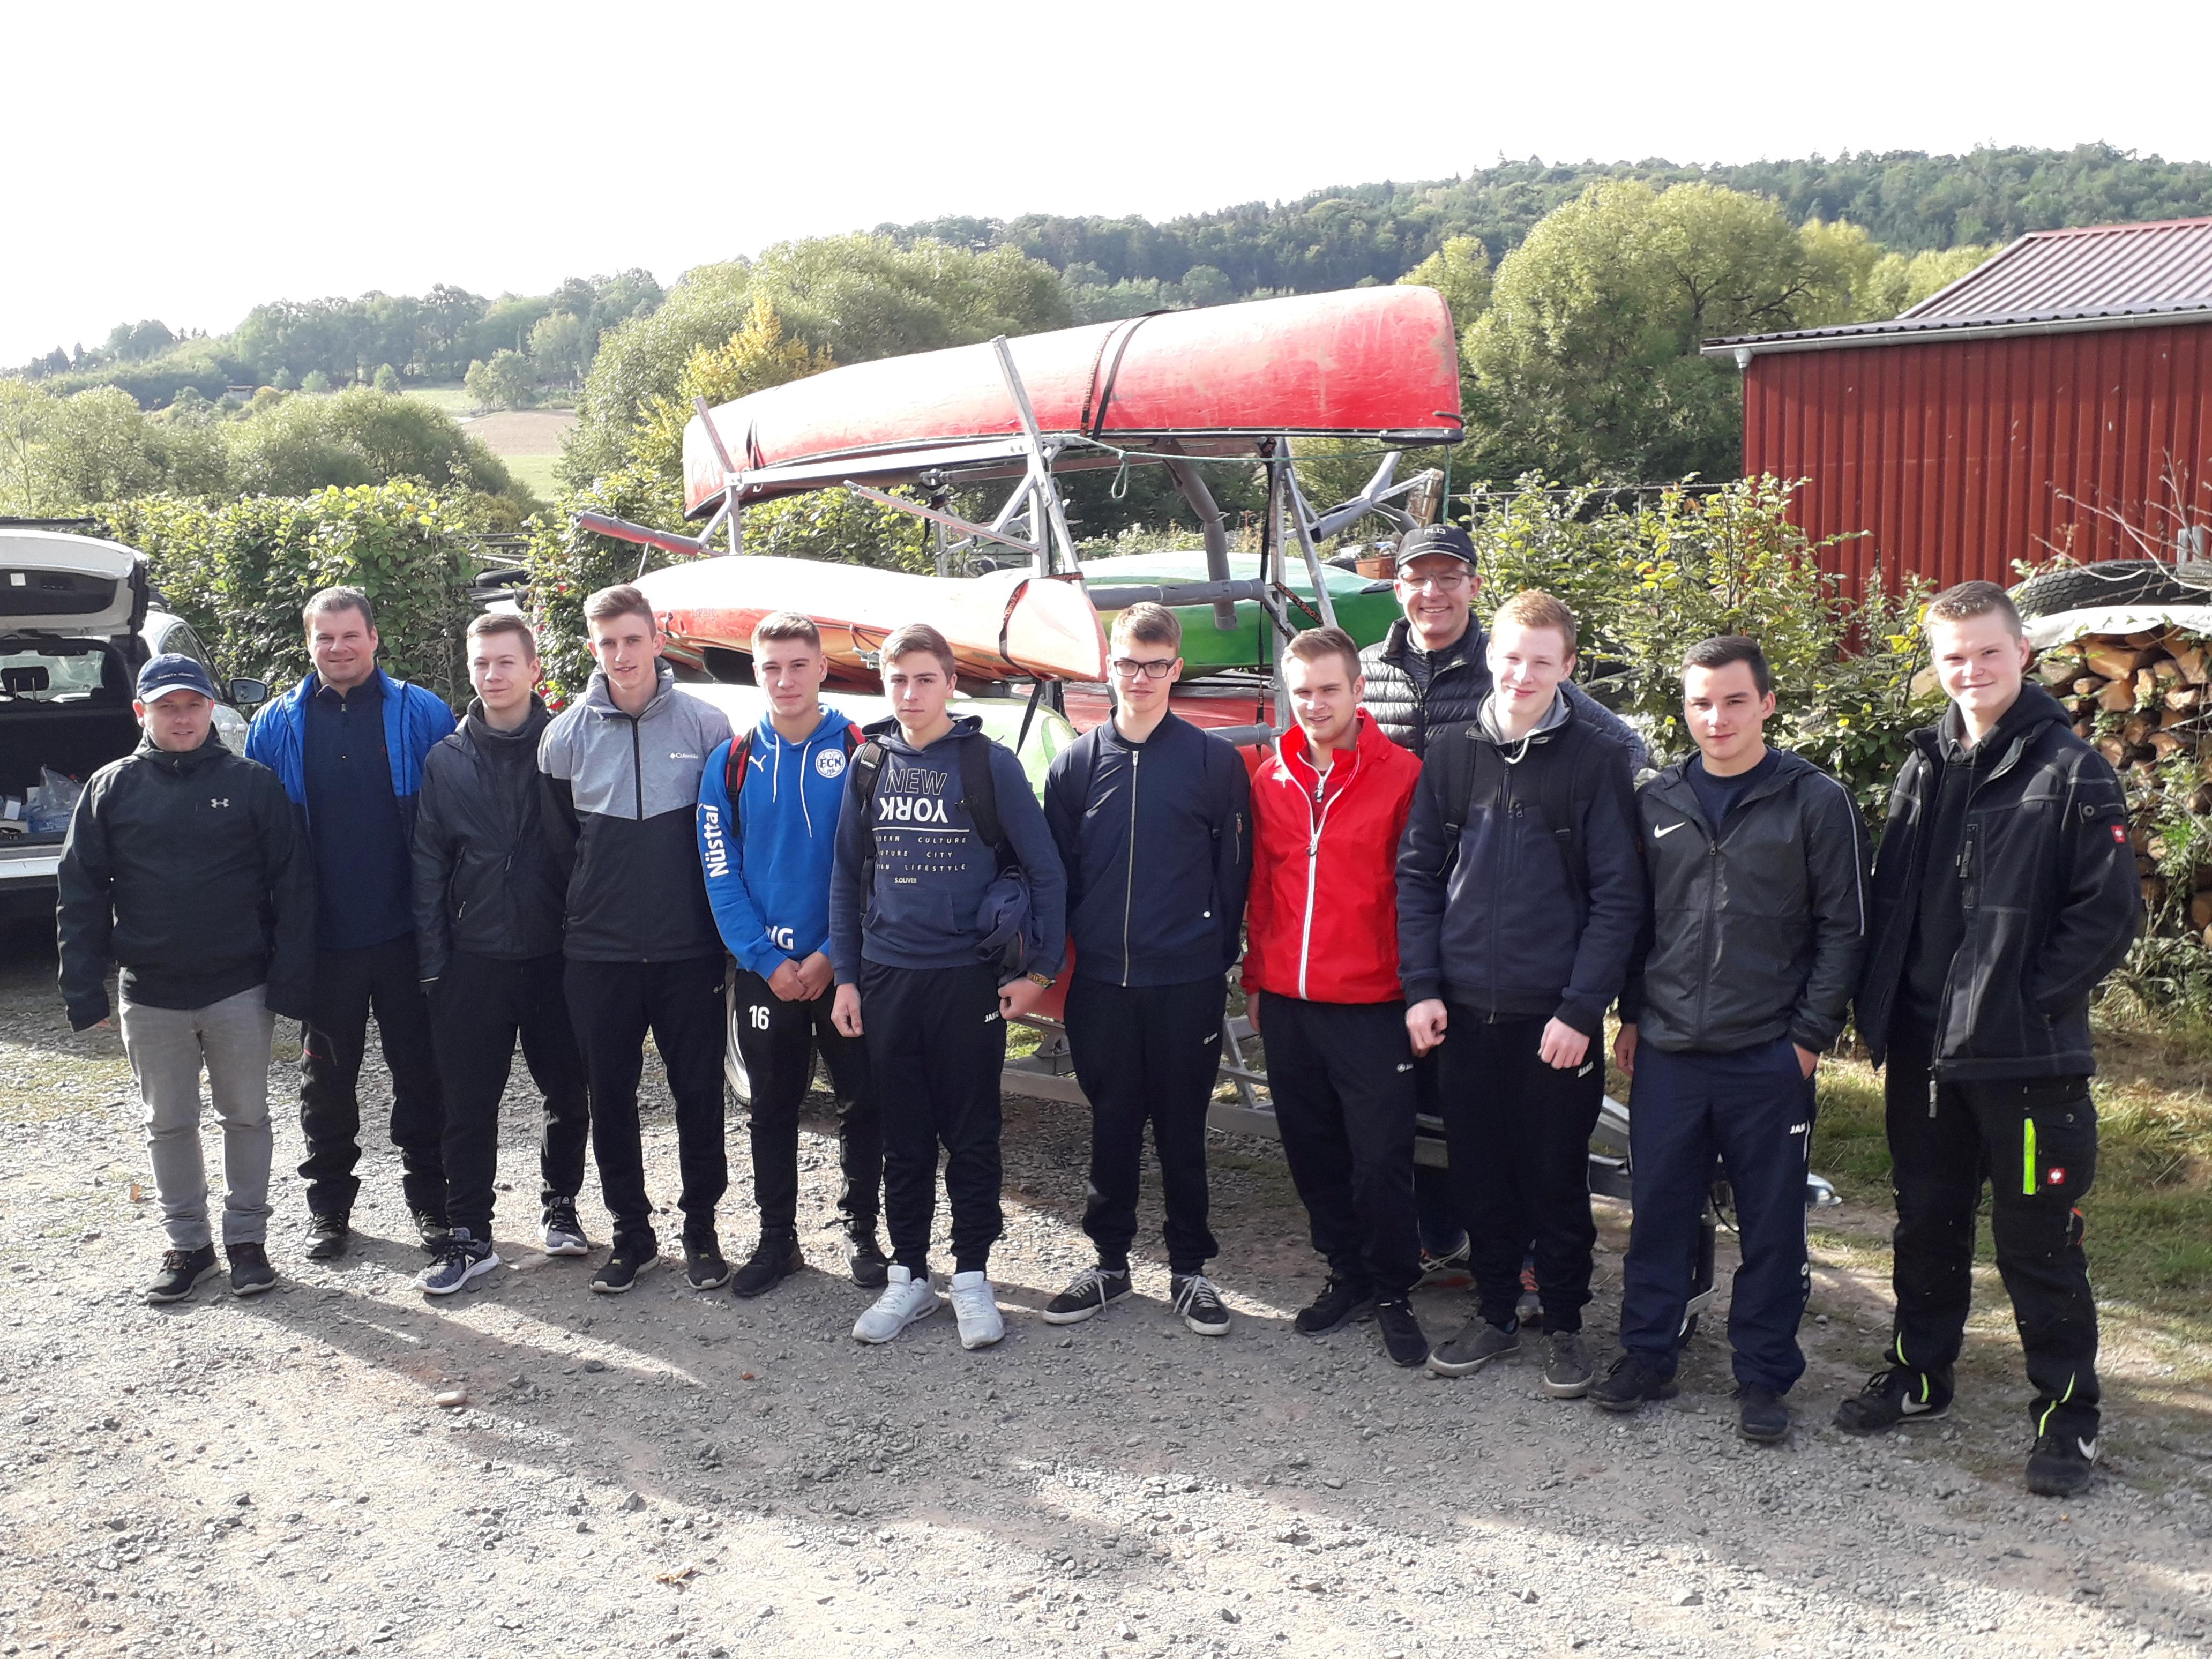 Teamevent zum Ausbildungsstart auf der Fulda